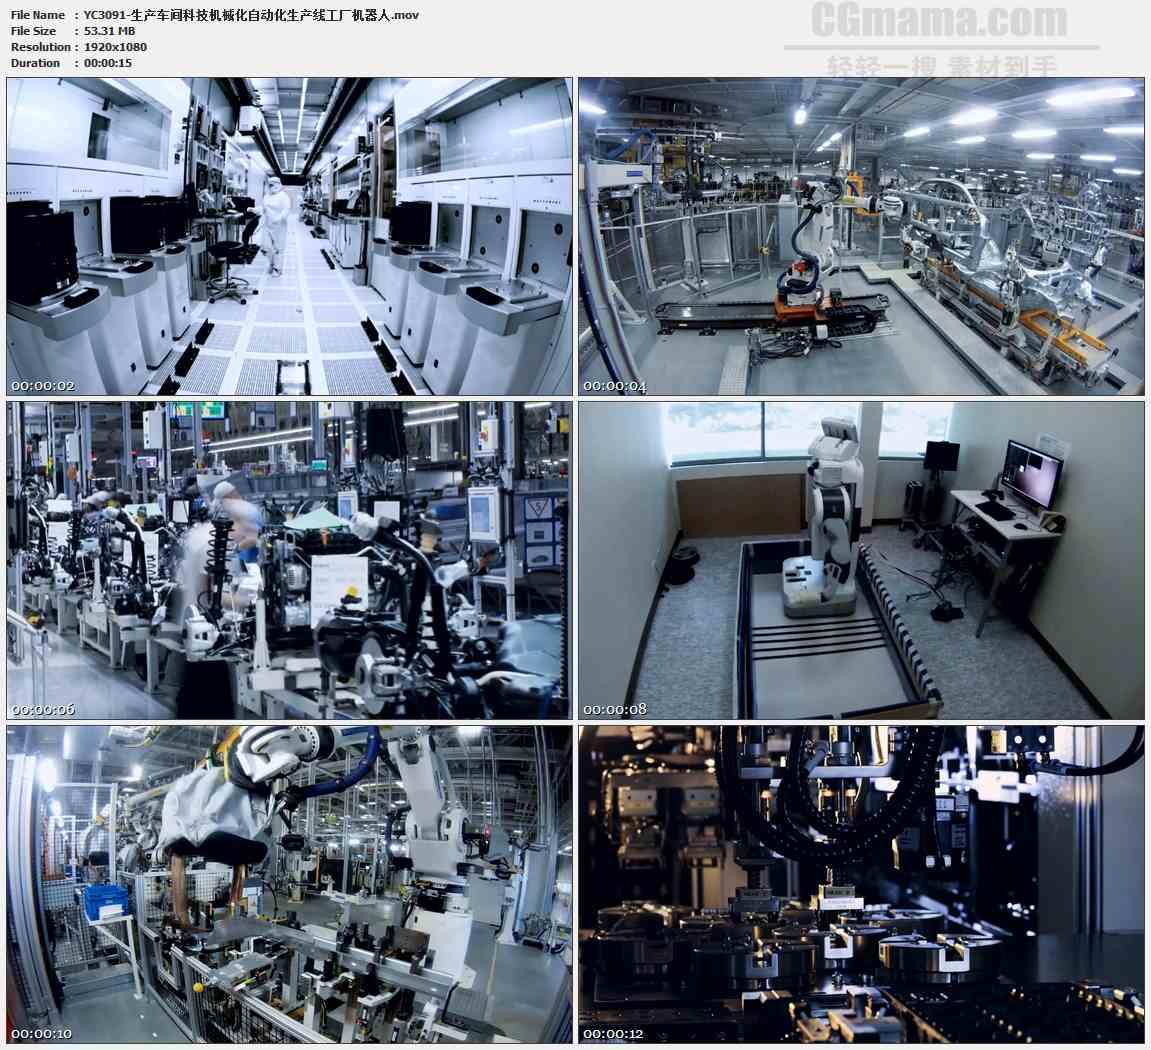 YC3091-生产车间科技机械化自动化生产线工厂机器人高清实拍视频素材